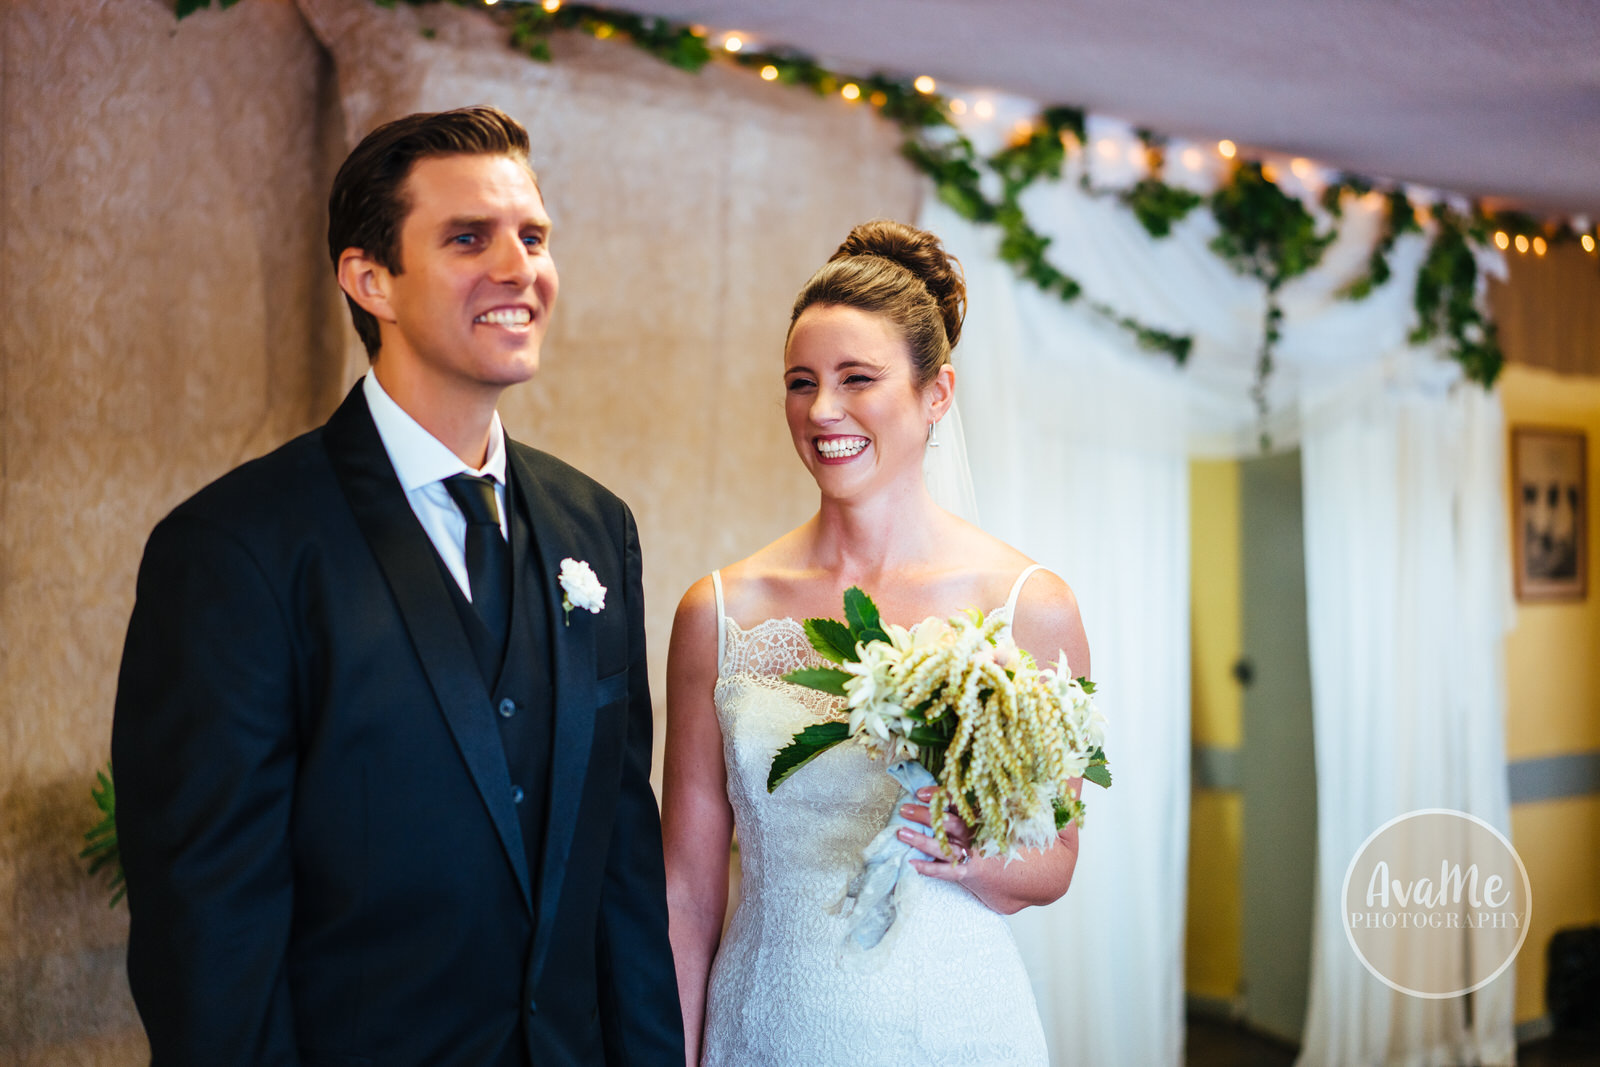 addy_matt_wedding_greenwich_sailing_club-114